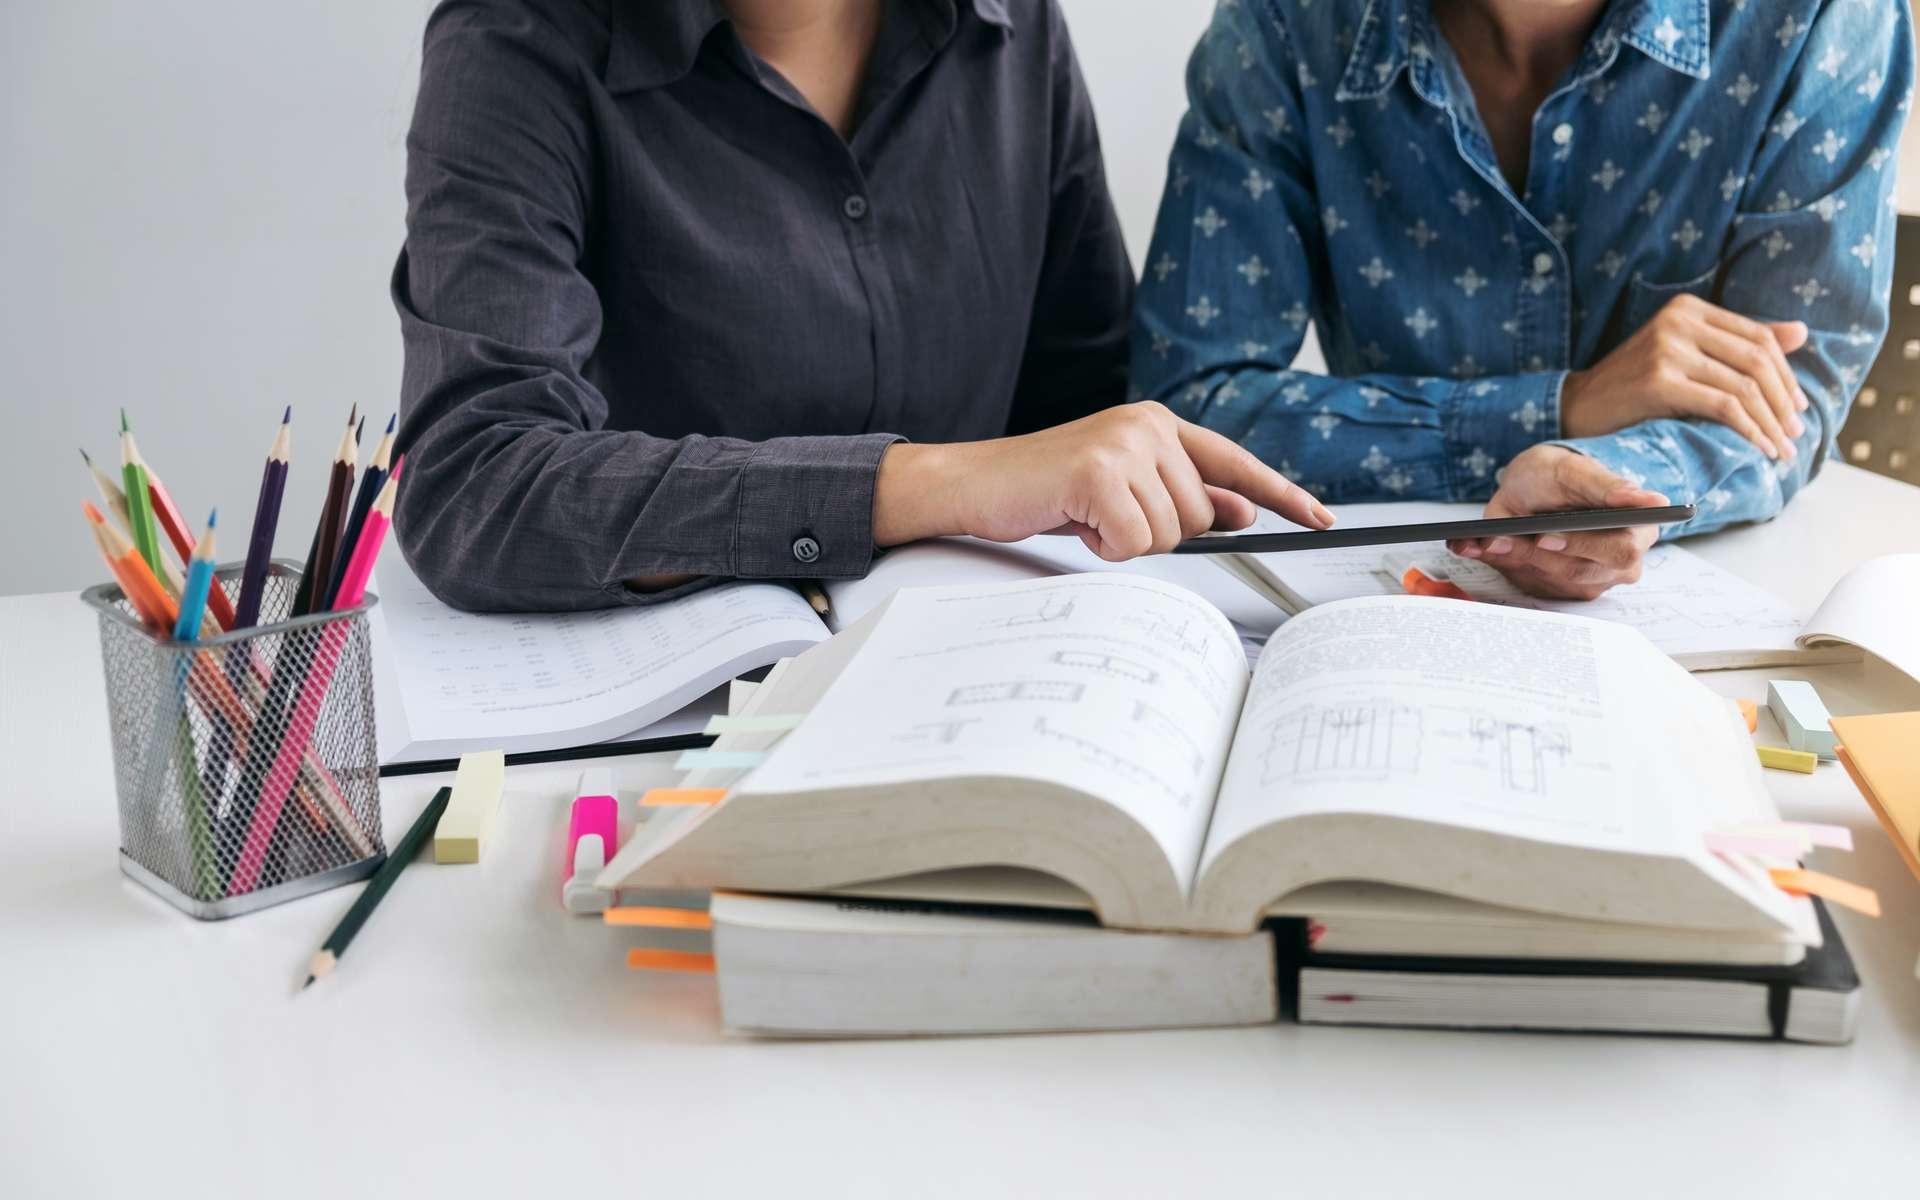 Le conseiller d'orientation accompagne les jeunes dans leur choix d'étude et d'objectif professionnel. © Freedomz, Adobe Stock.